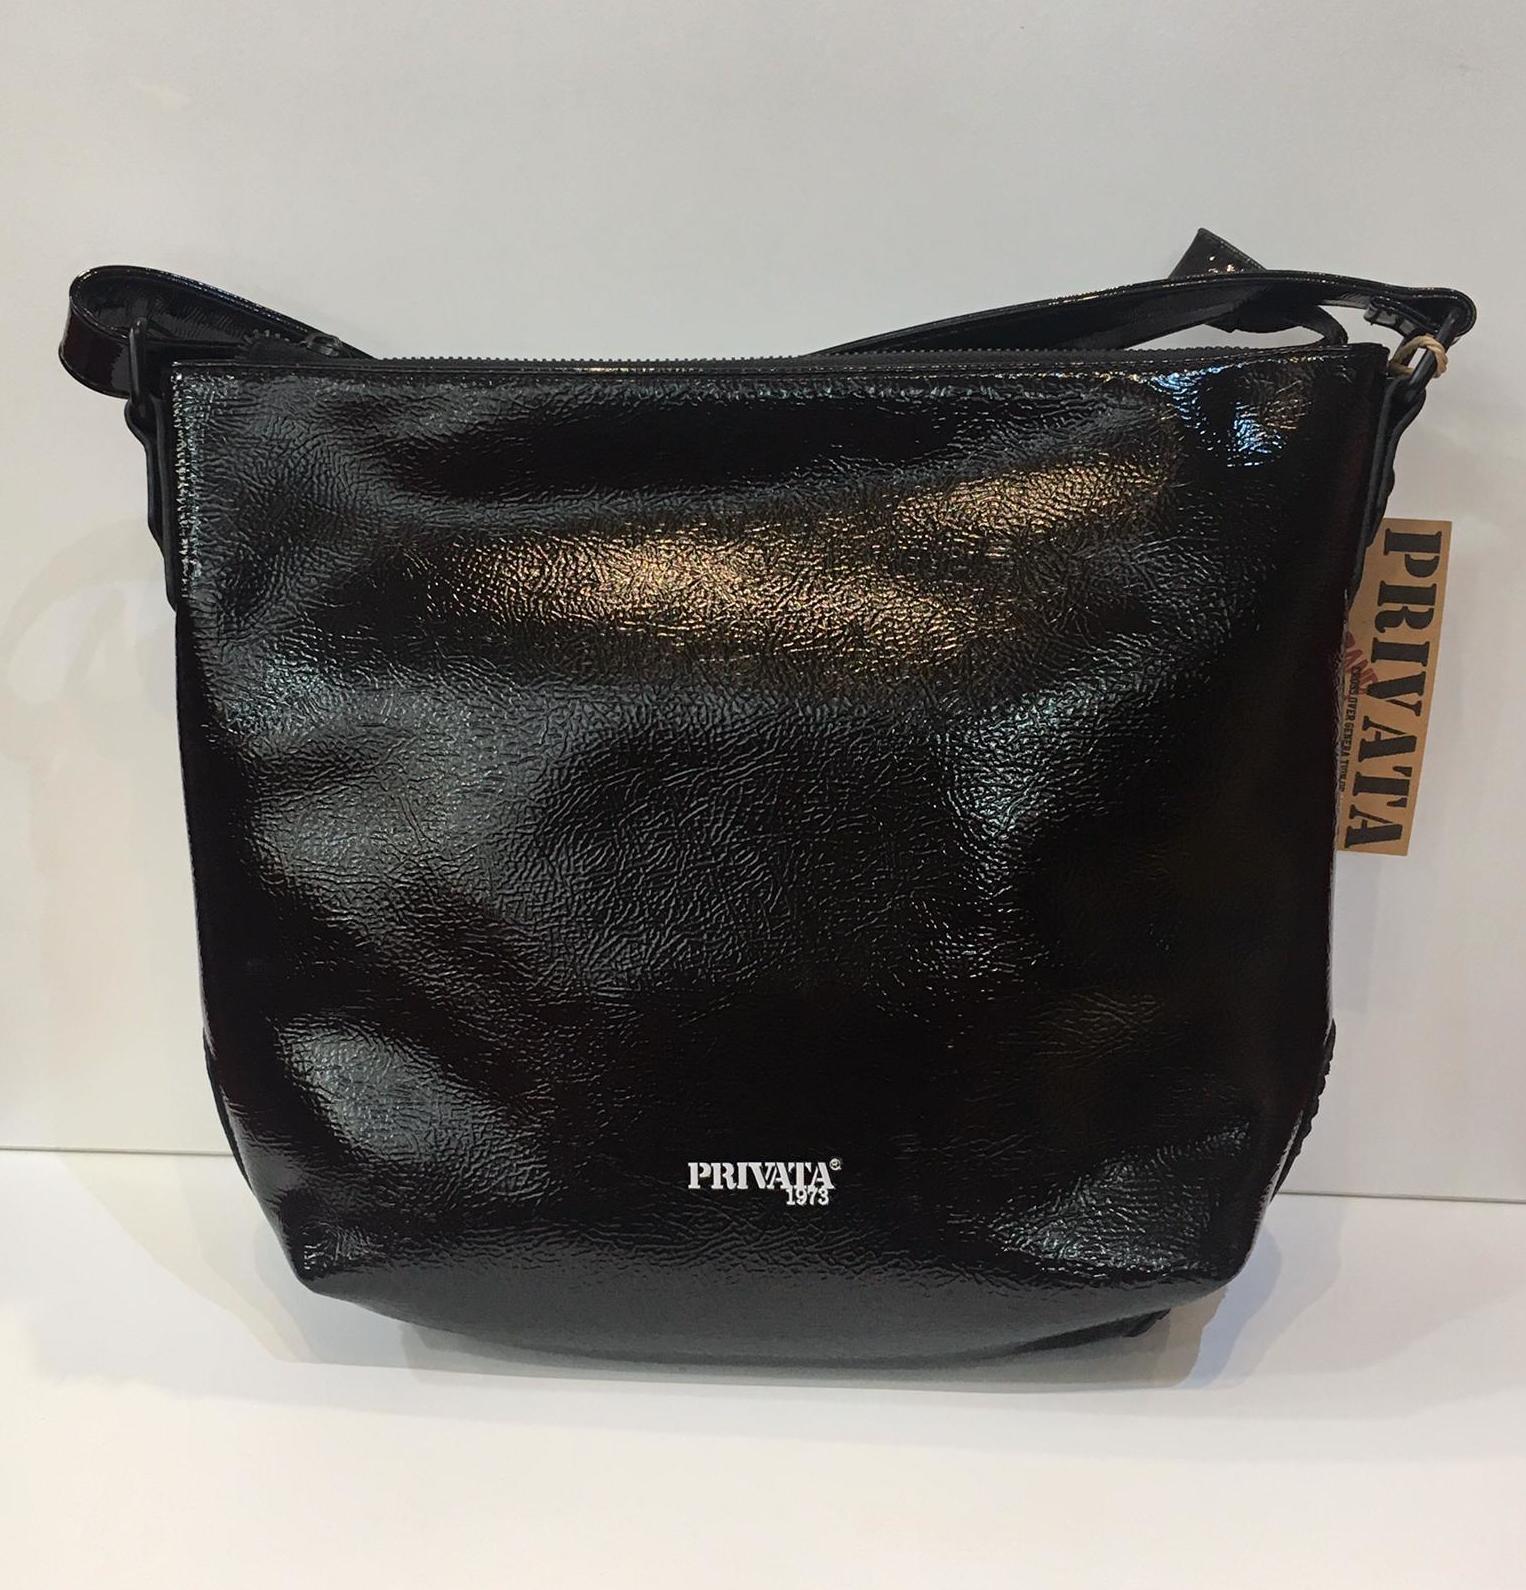 Bossa de la marca Privata, de mida mitjana, de xarol negre, amb tira llarga adaptable a totes les llargades 48.50€